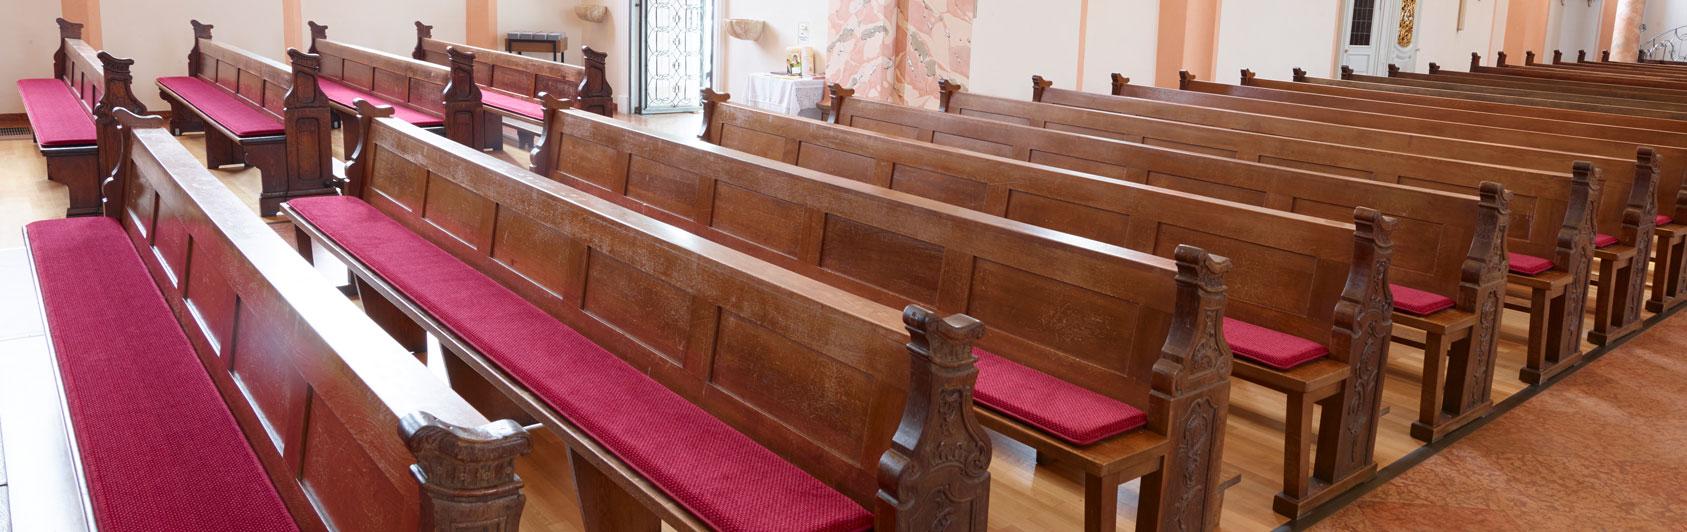 banc d'église coussin Samtplush code couleur 2536 couleur bordeaux Lisdorf